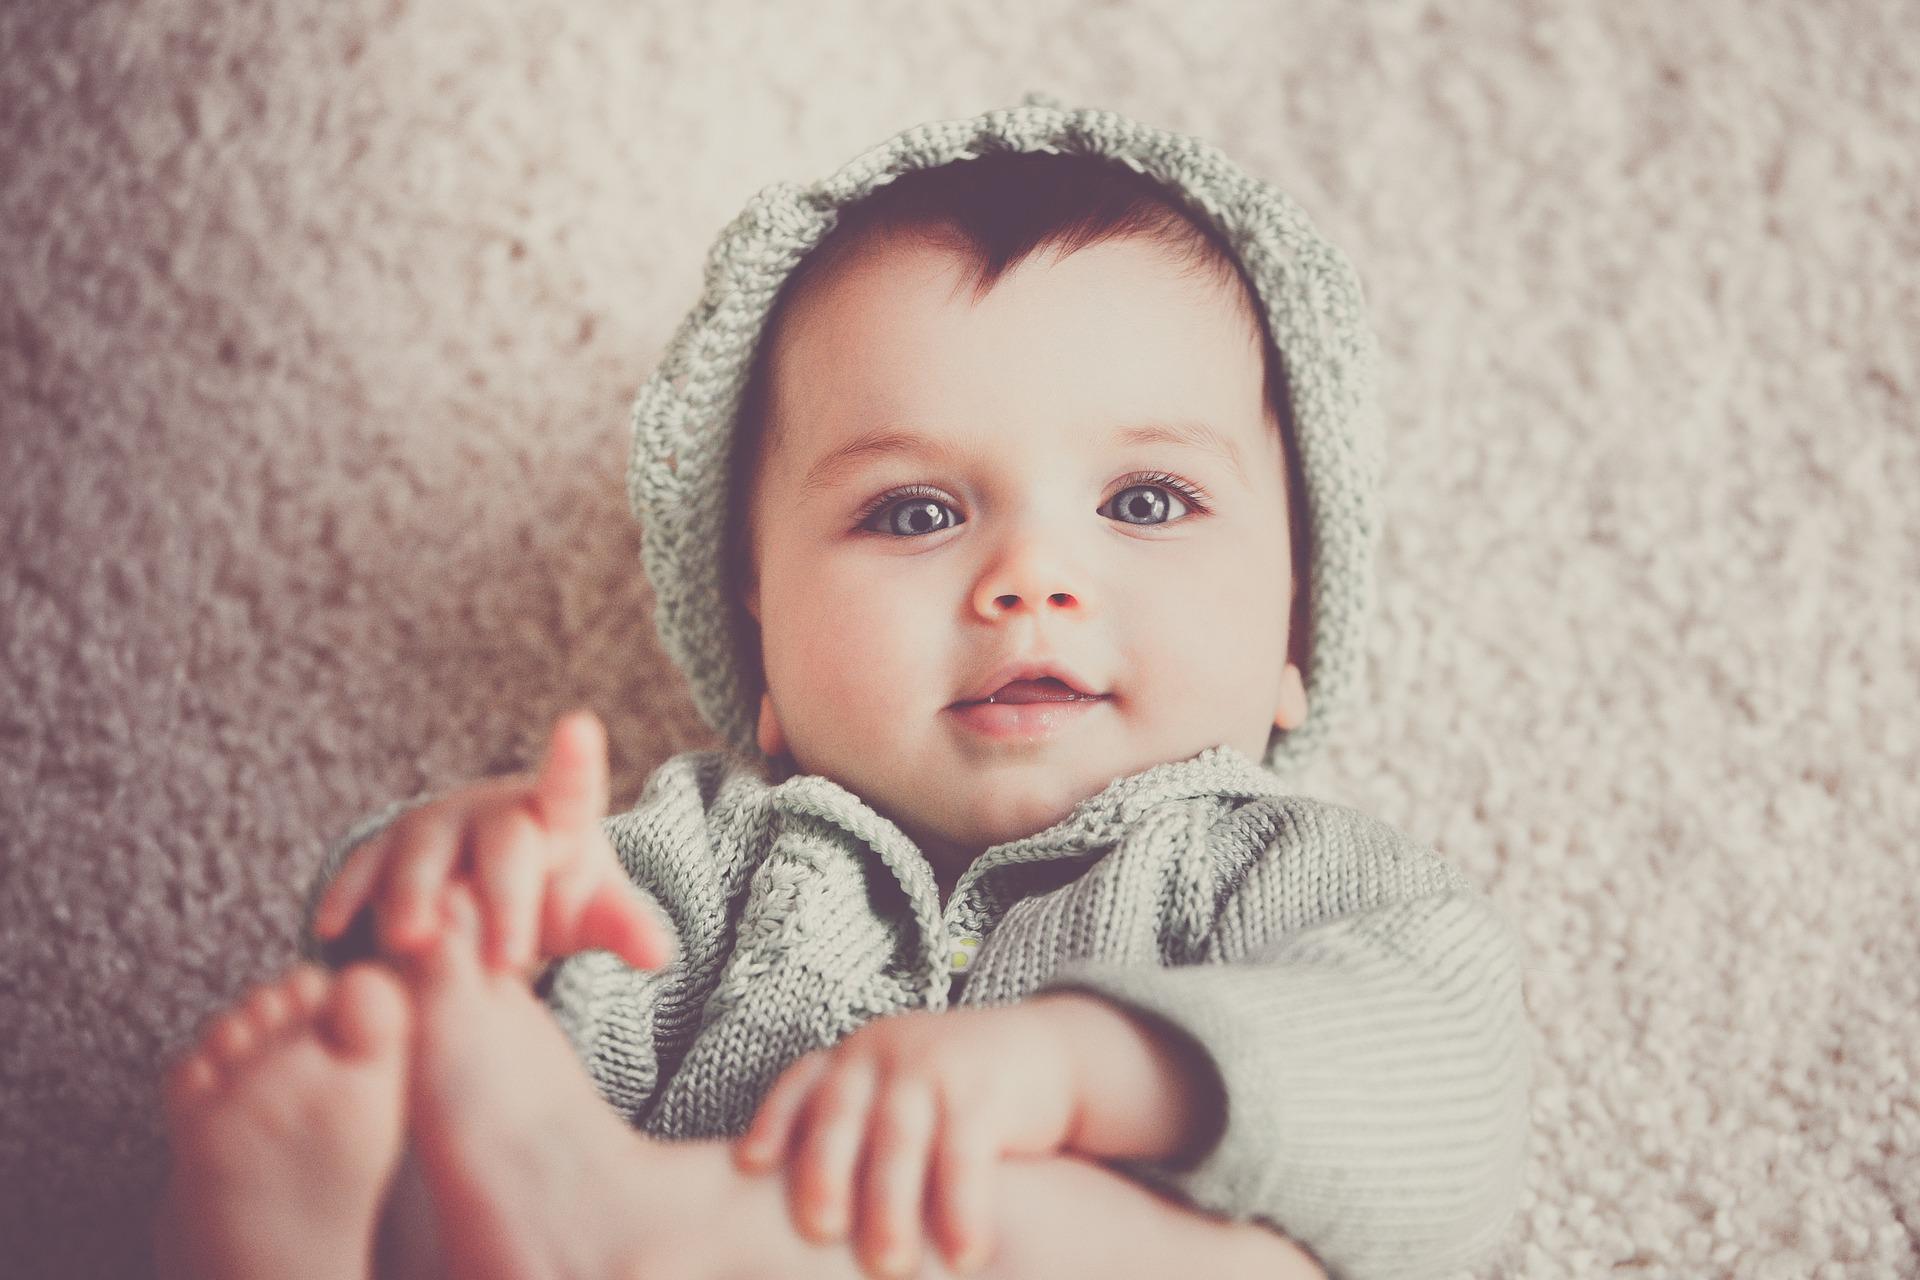 baby-1426651_1920